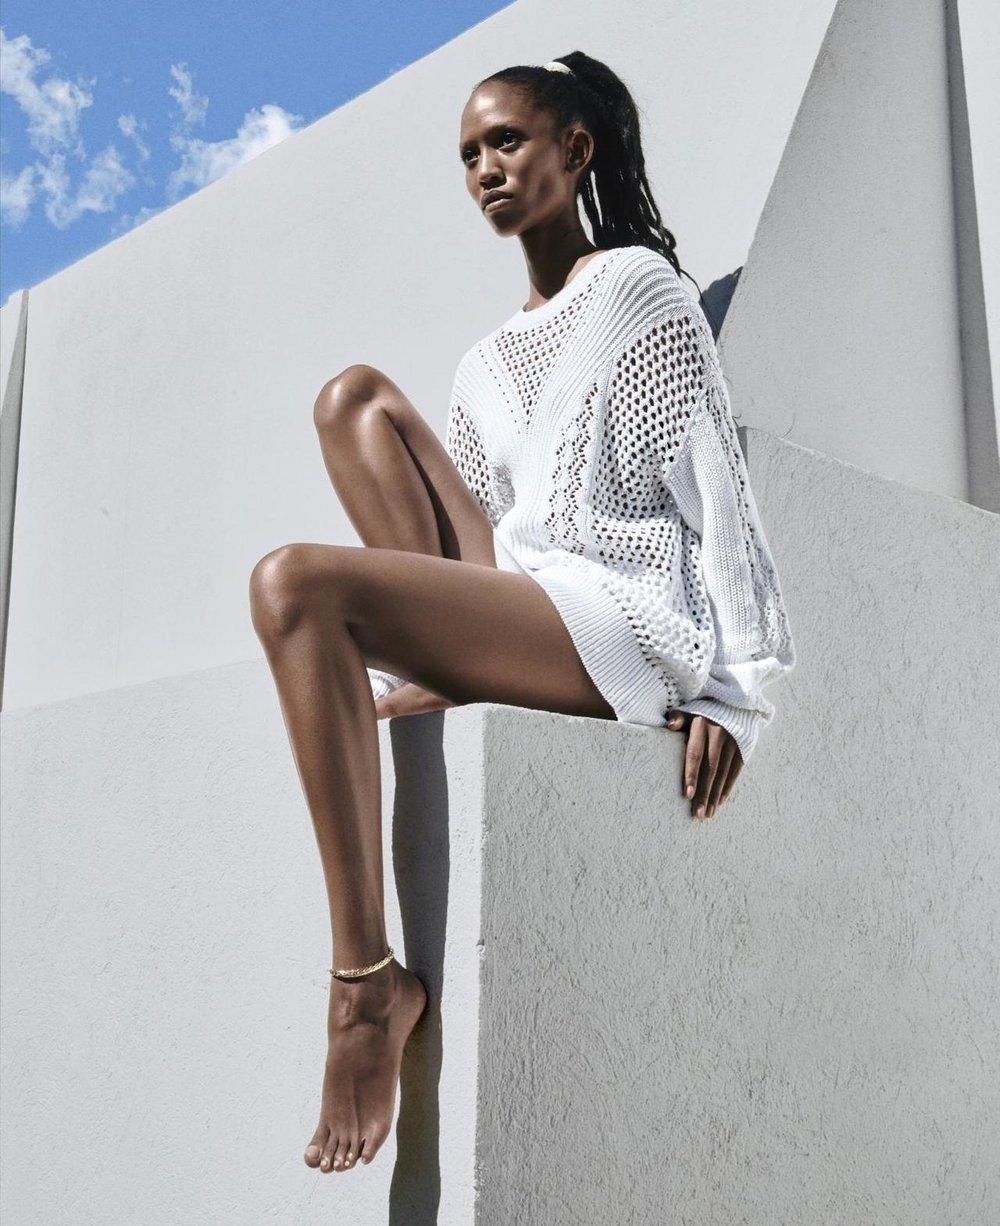 Adesuwa-Aighewi-Sebastian-Kim-Harpers-Bazaar- US-April-2019- (6).jpg